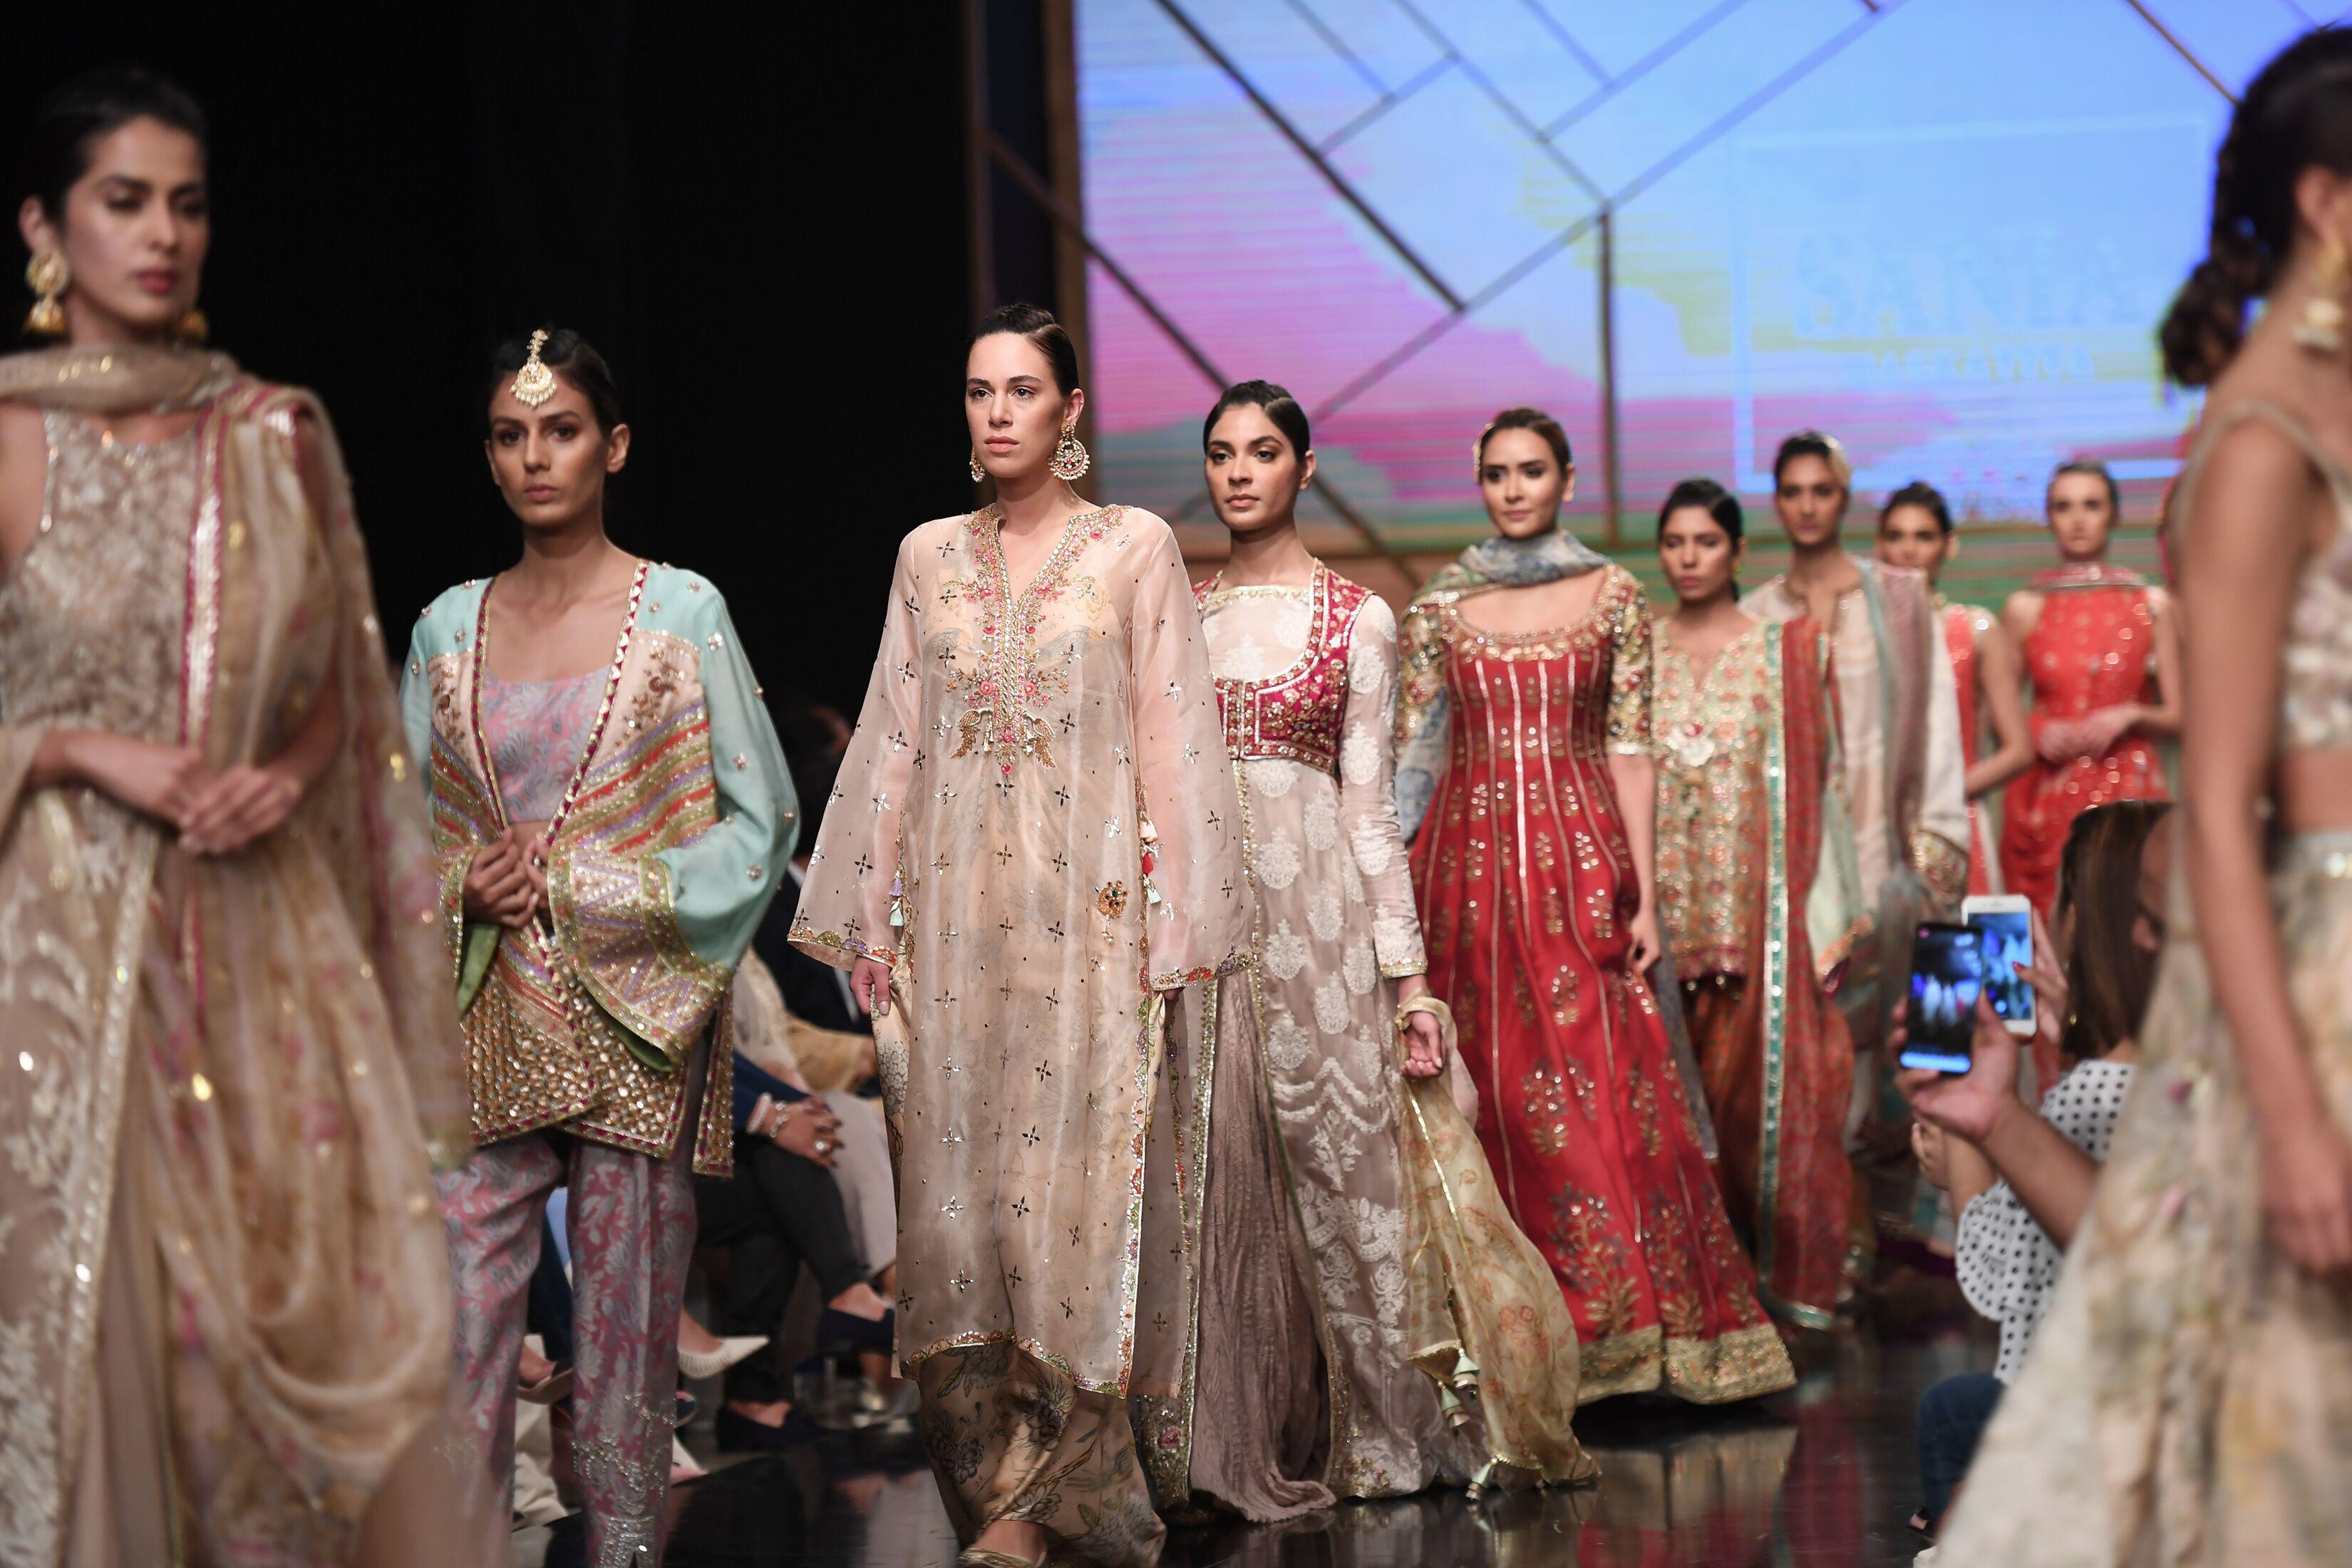 Sania Maskatiya reveals 'Isfahan' at Day-1 at PSFW19 - Oyeyeah